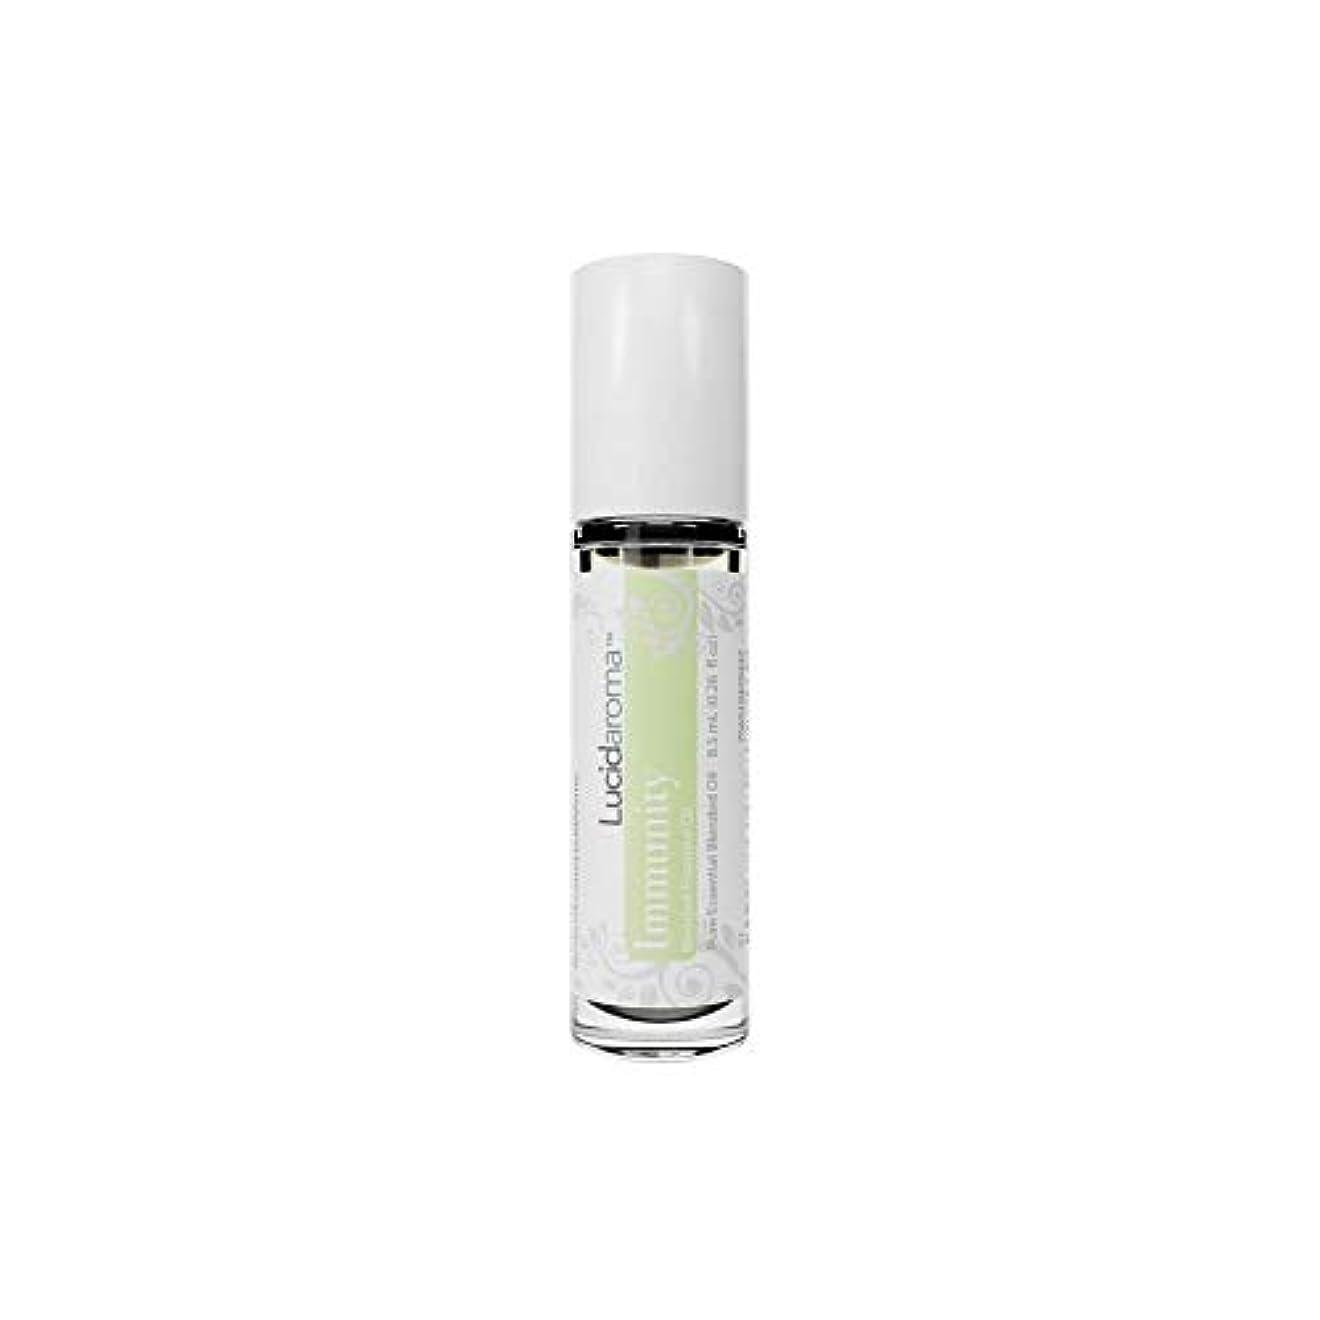 盟主ライオネルグリーンストリートグラディスLucid Aroma Immunity イミュニティ ブレンド ロールオン アロマオイル 8.5mL (塗るアロマ) 100%天然 携帯便利 ピュア エッセンシャル アメリカ製